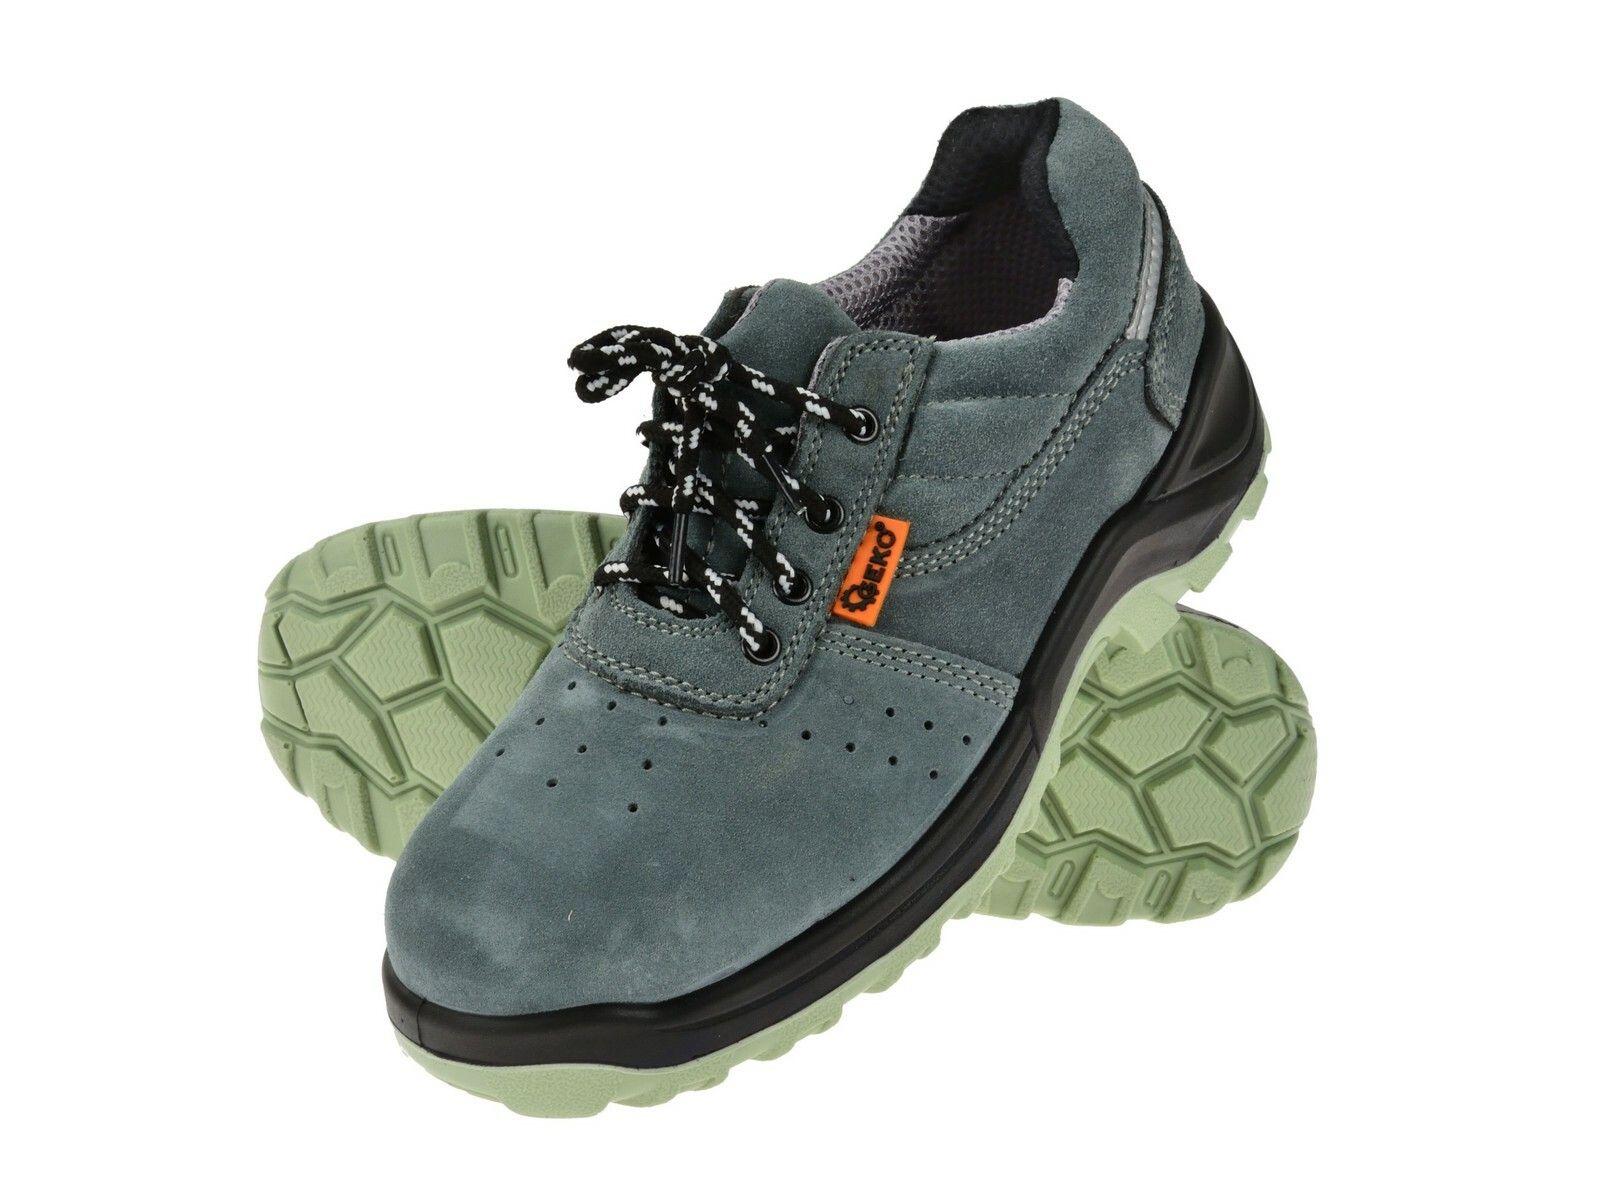 Ochranná pracovní obuv model č. 4 velikost 46 GEKO